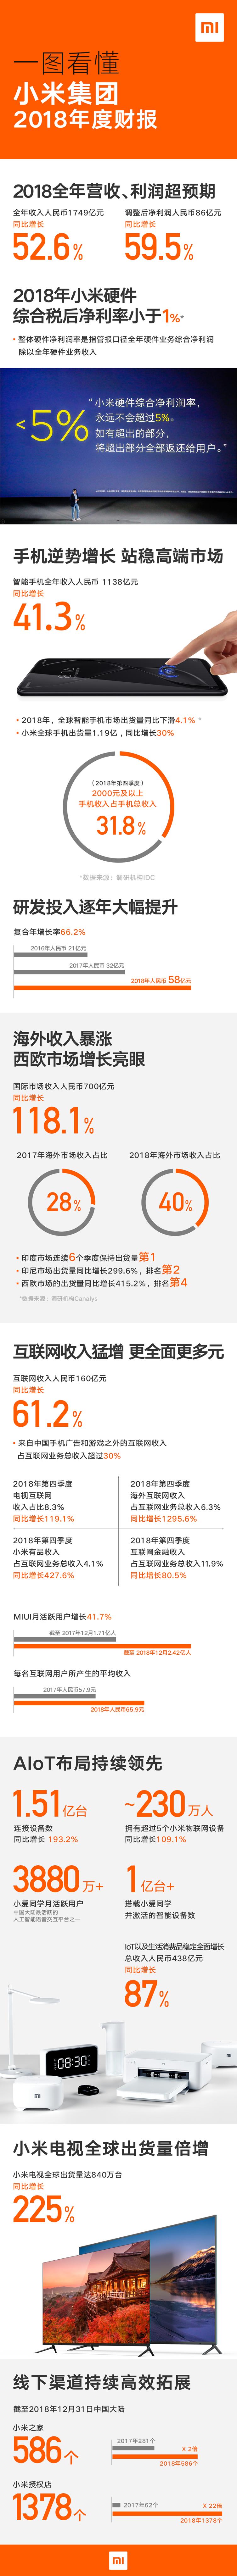 小米集团发布2018年报:营收1749亿同比增52.6%、综合硬件净利润率1%